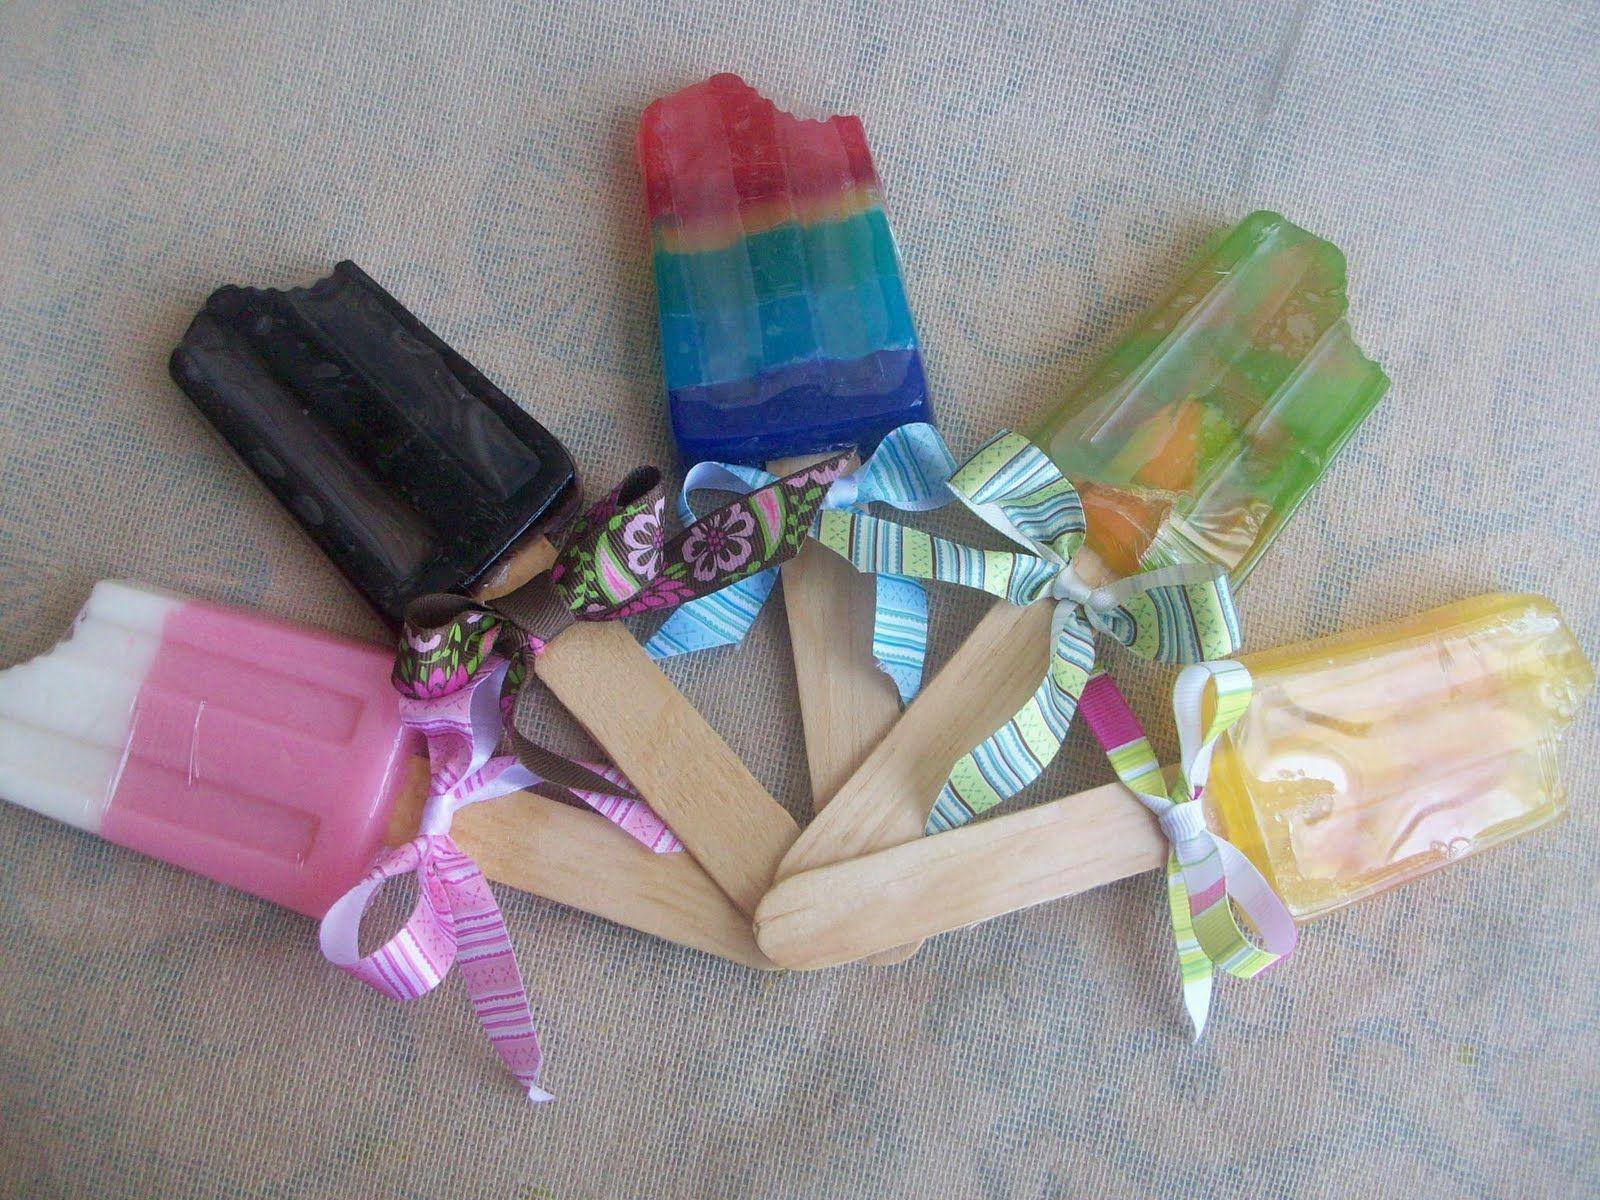 Como hacer jabones para baby shower con formas de helado - Hacer jabones de glicerina decorativos ...